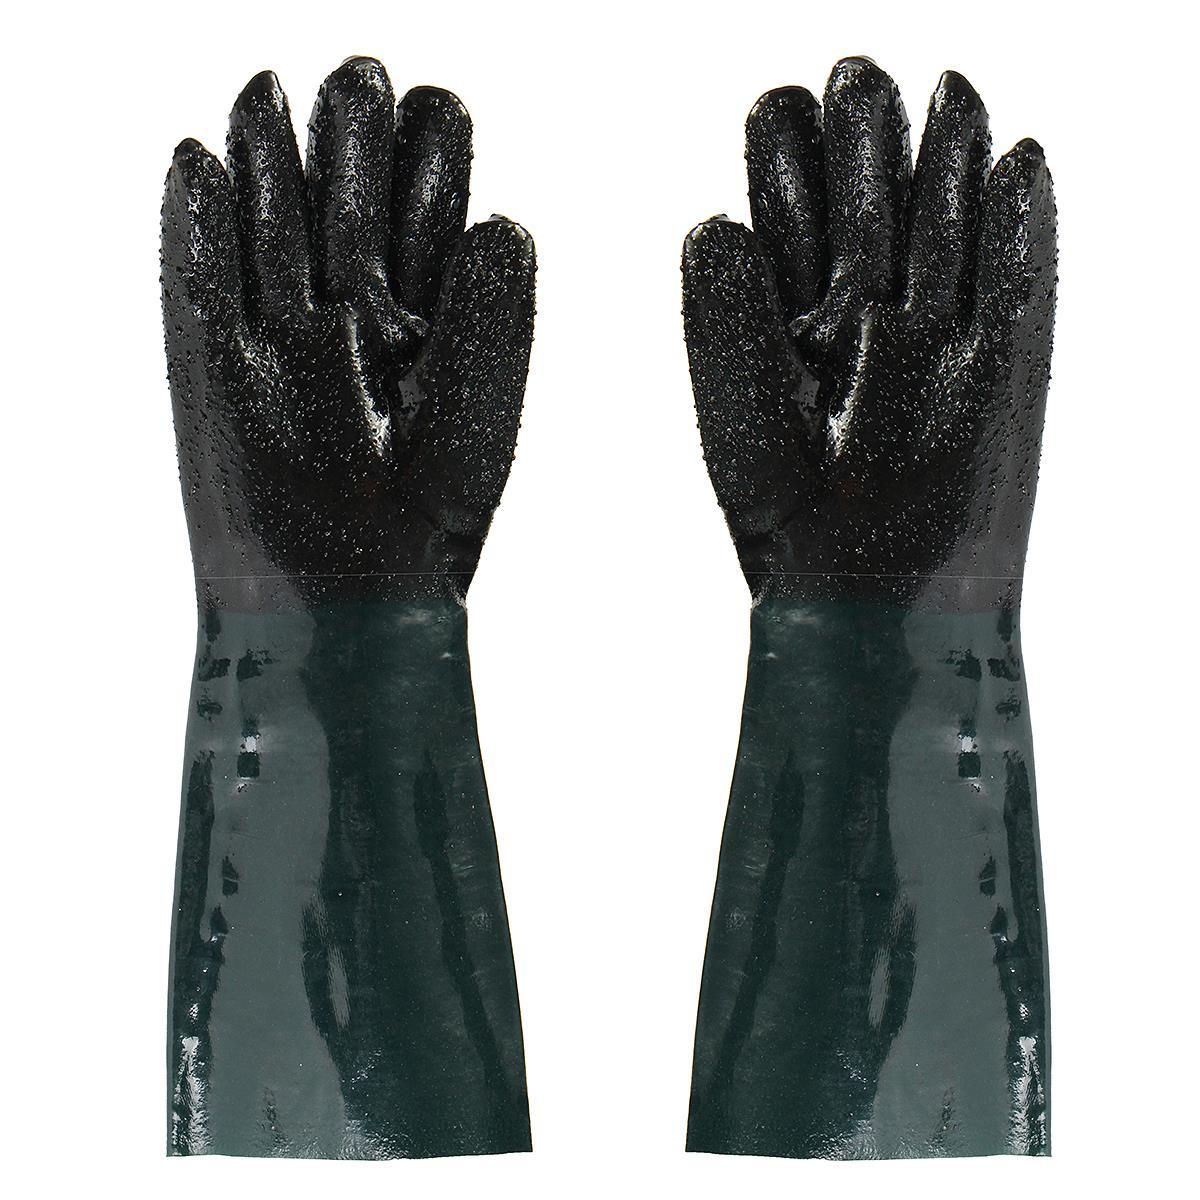 NEUE 48 CM Gummi Sandstrahler Sand Blaster Sandstrahlen Handschuhe Für Sandstrahl Schränke Schutzhandschuh